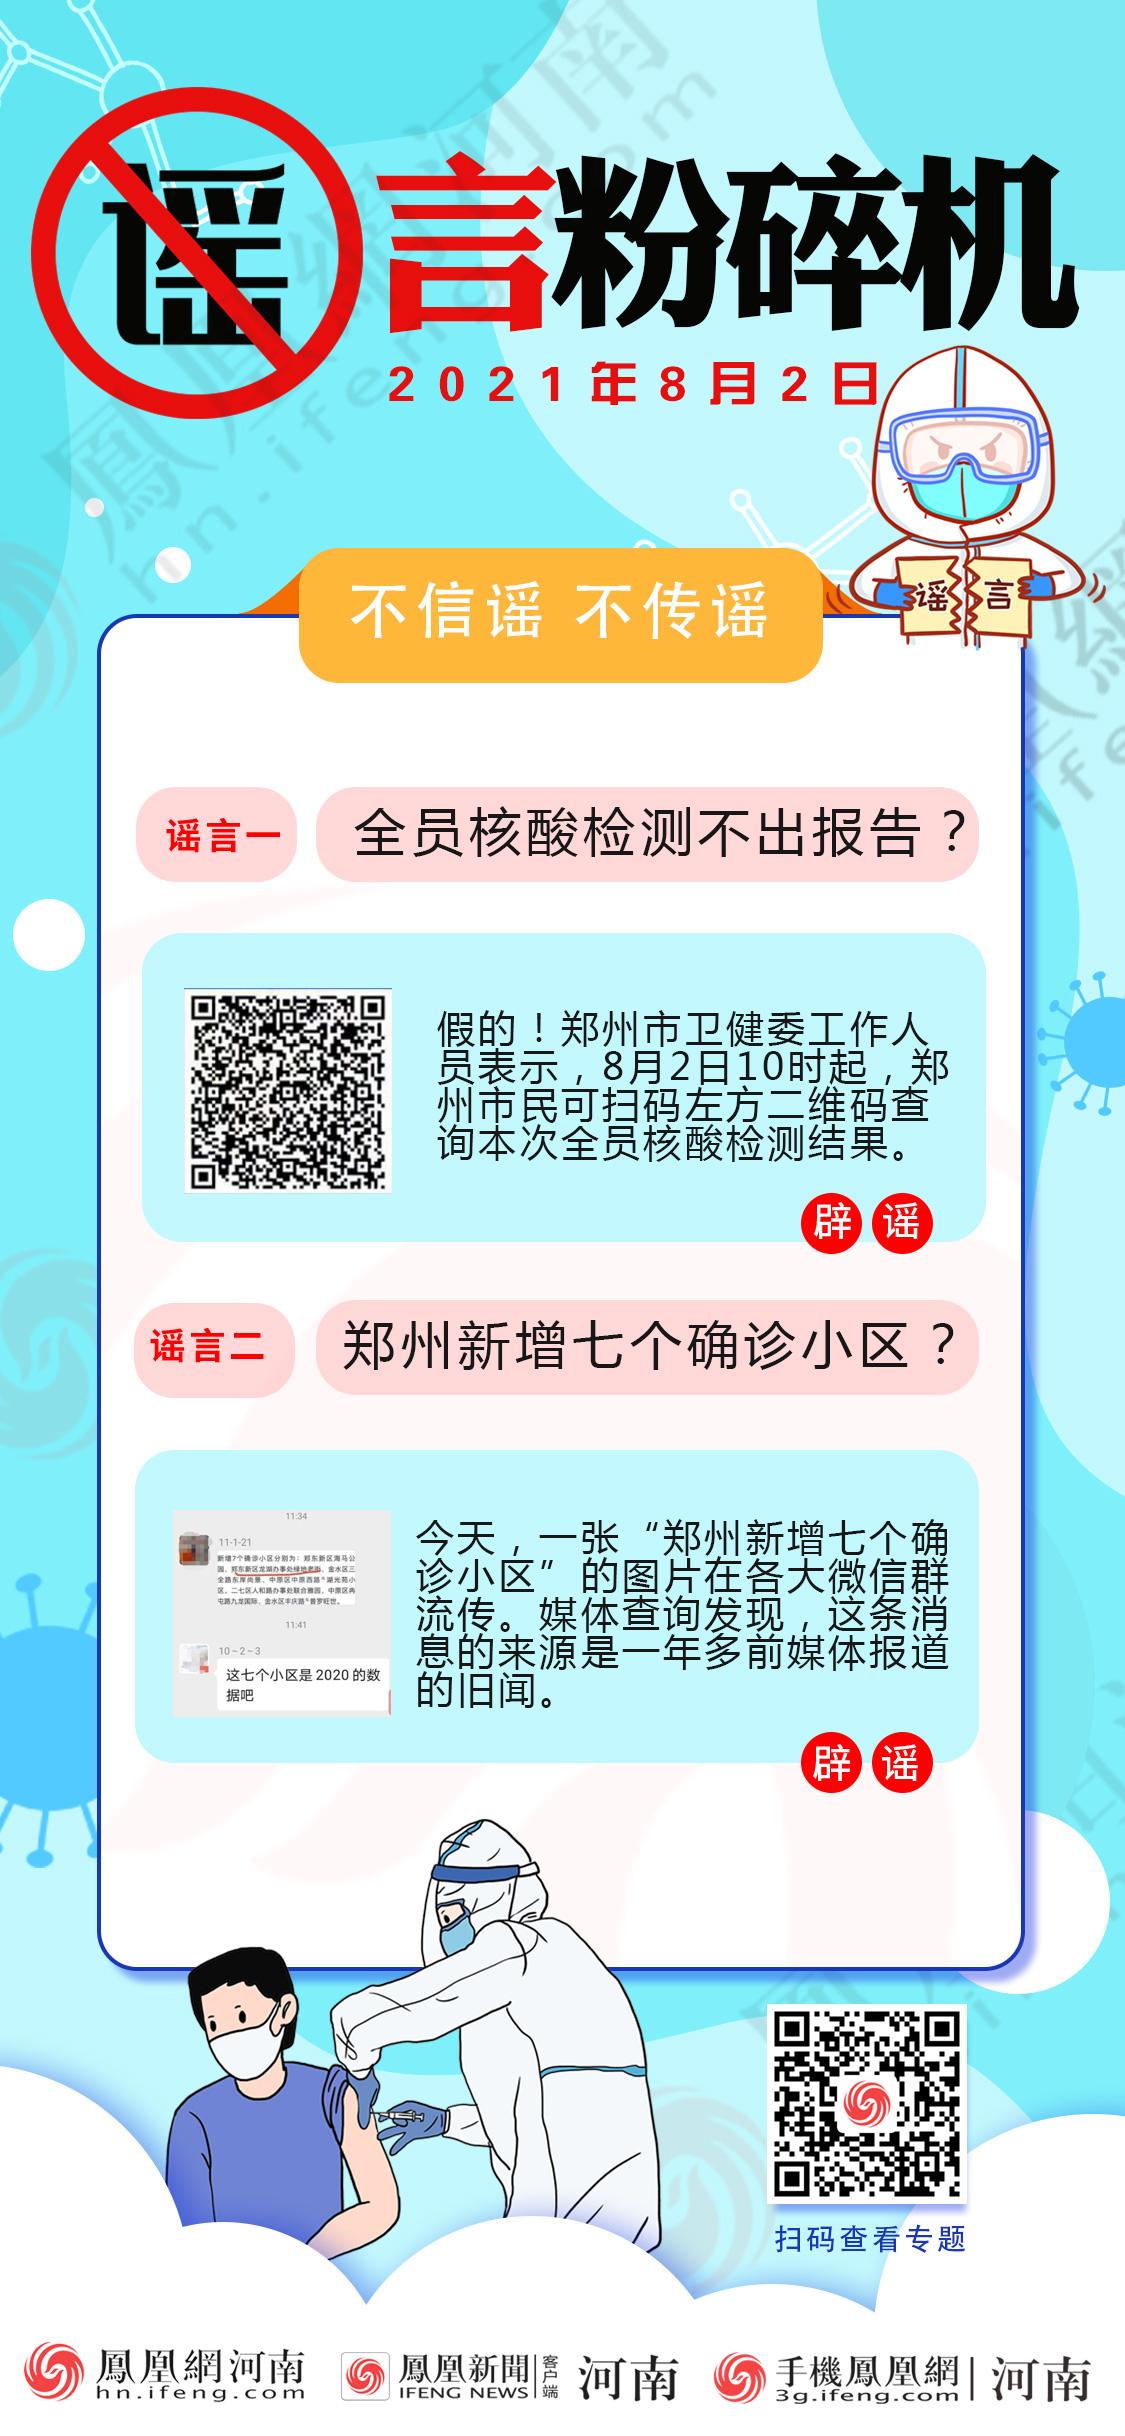 谣言粉碎机:郑州新增七个确诊小区?全员核酸不出报告?假